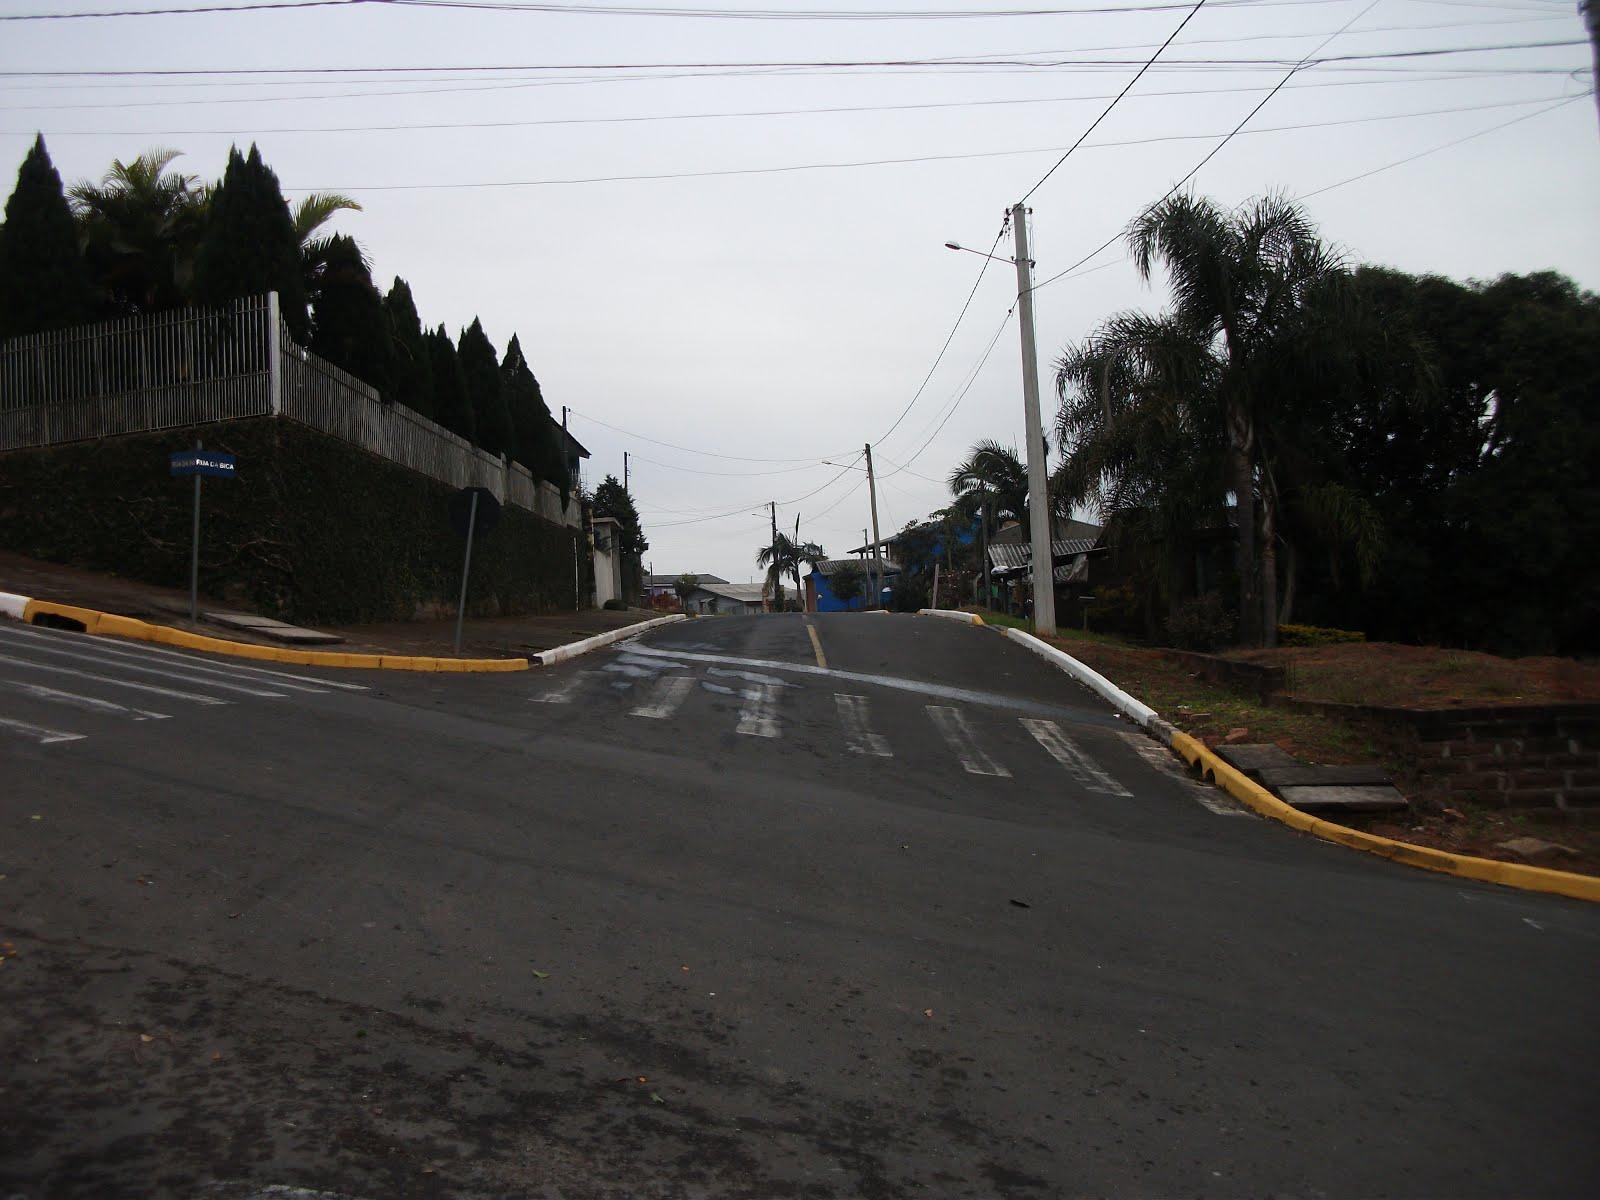 JAIR WINGERT PEDE QUEBRA-MOLAS NO RECANTO DA PAZ